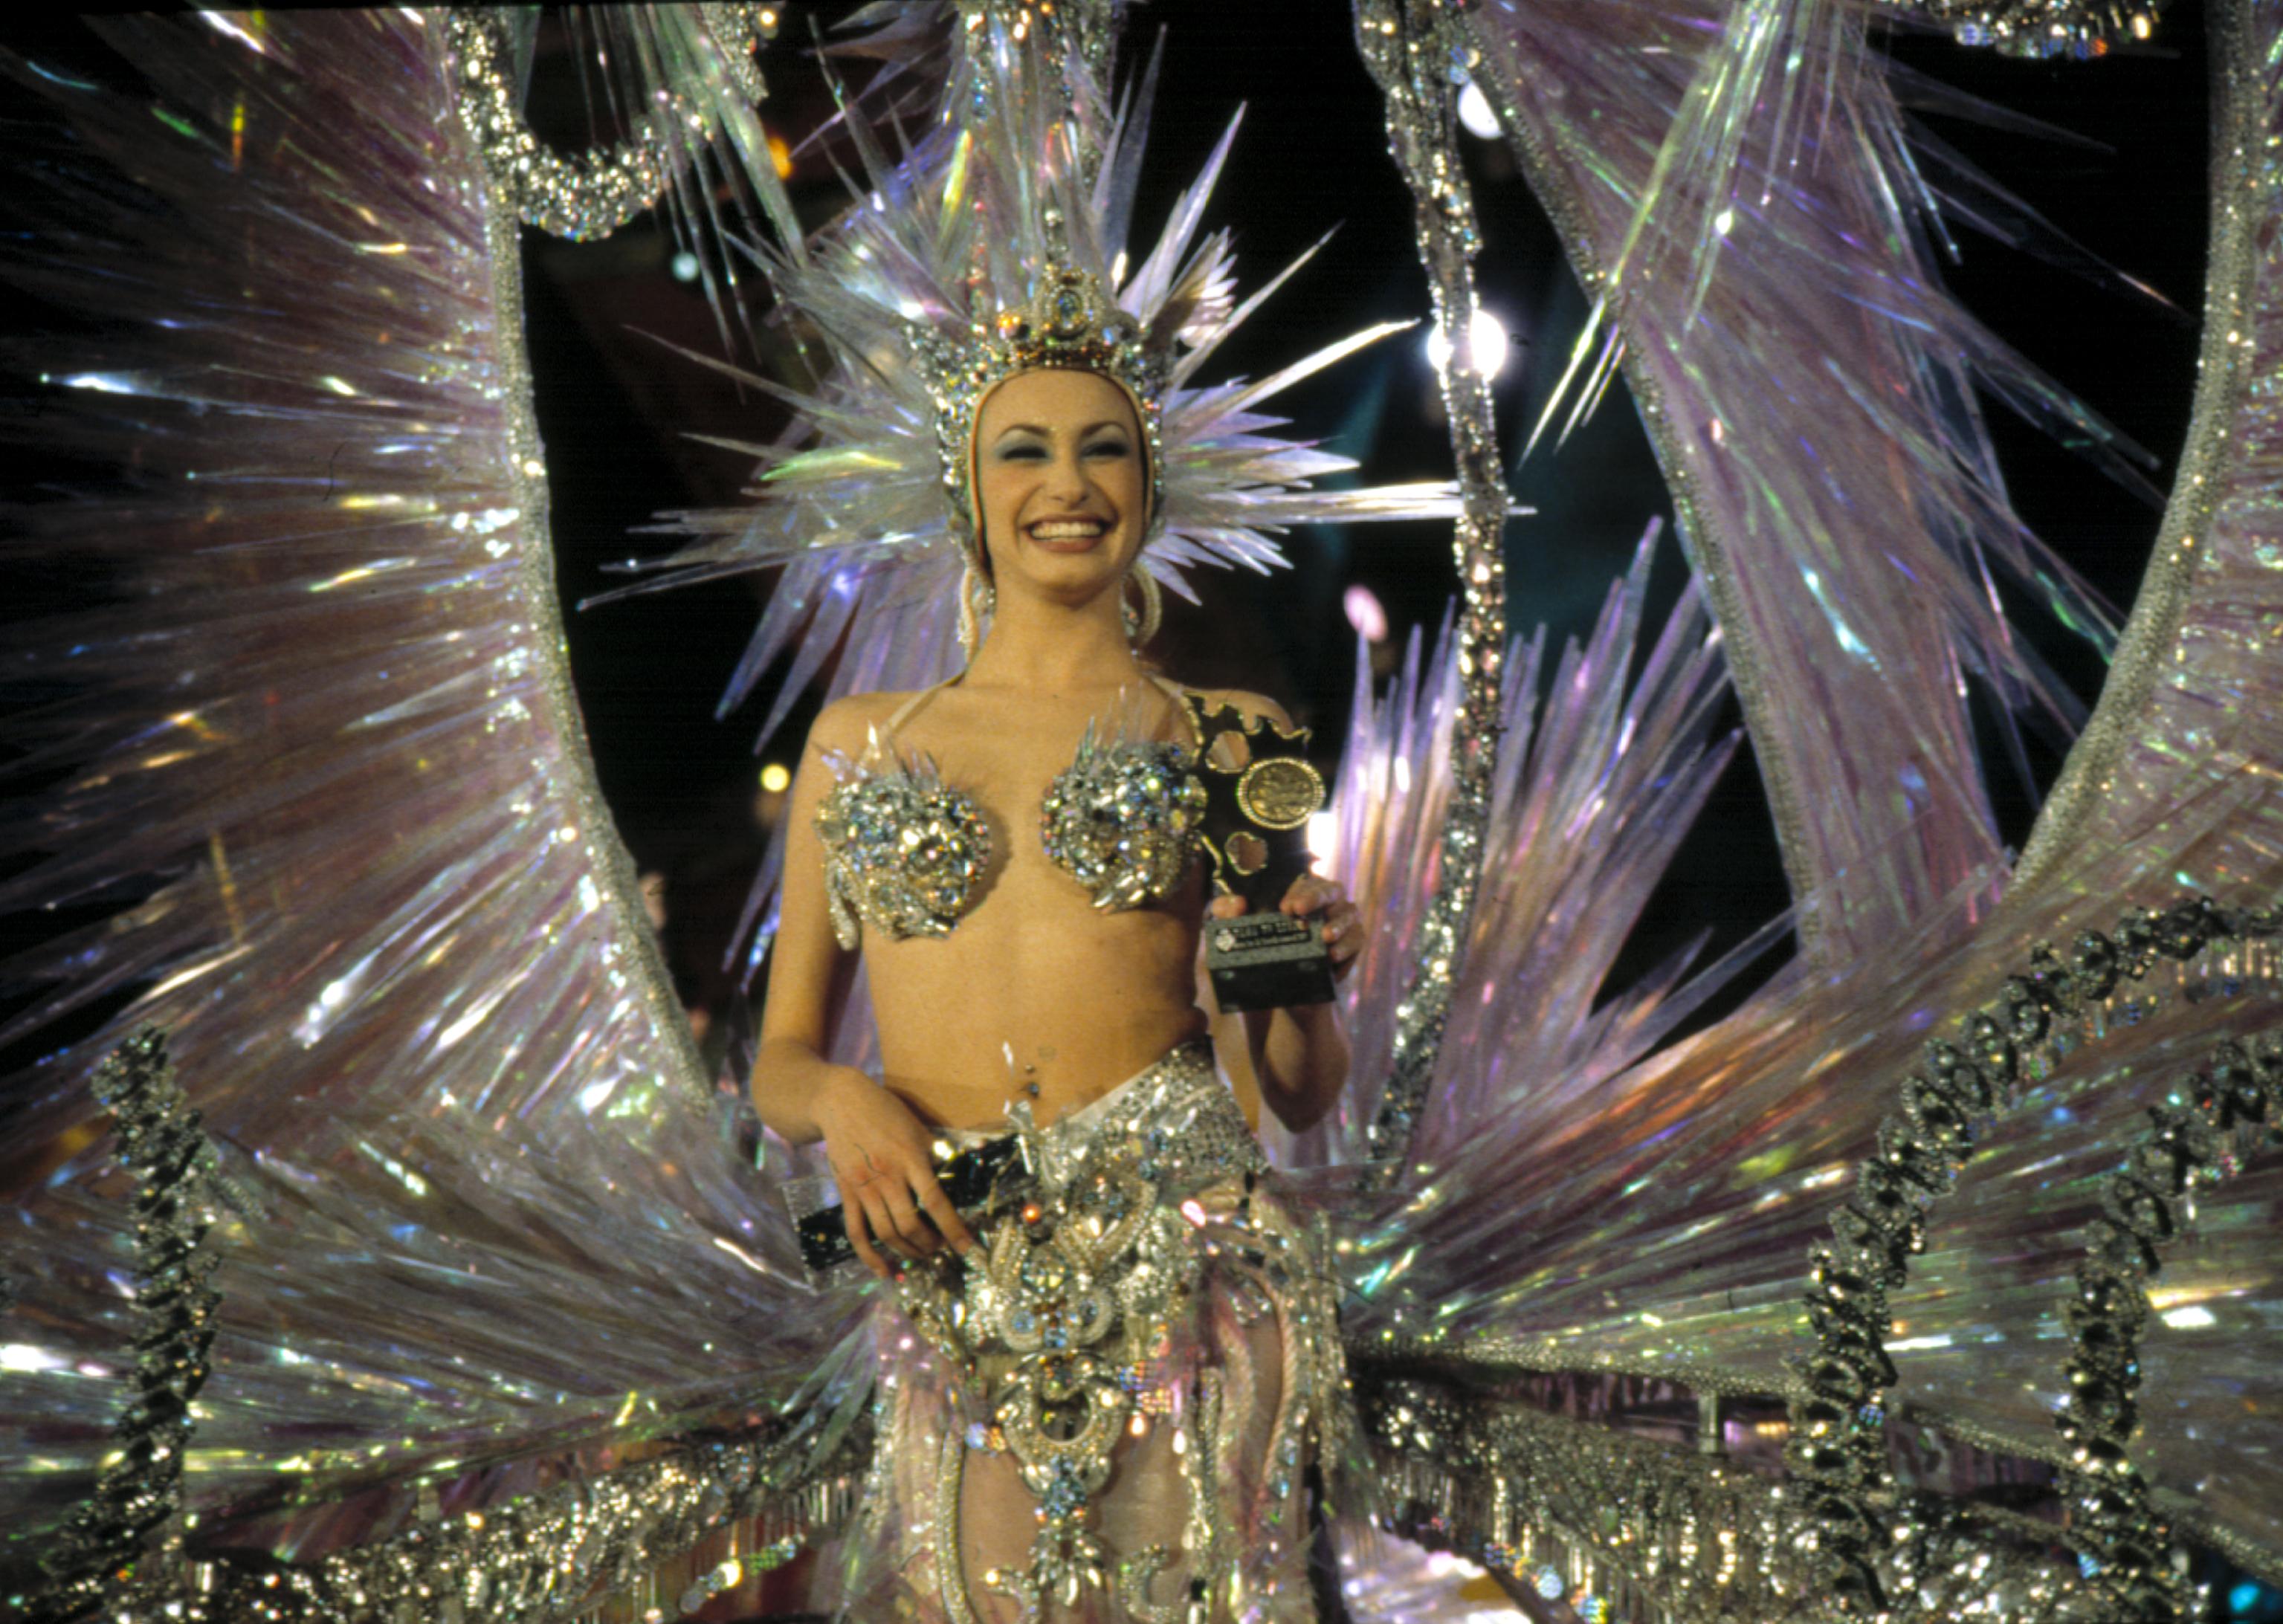 Resultado de imagem para Carnaval de Santa Cruz de Tenerife